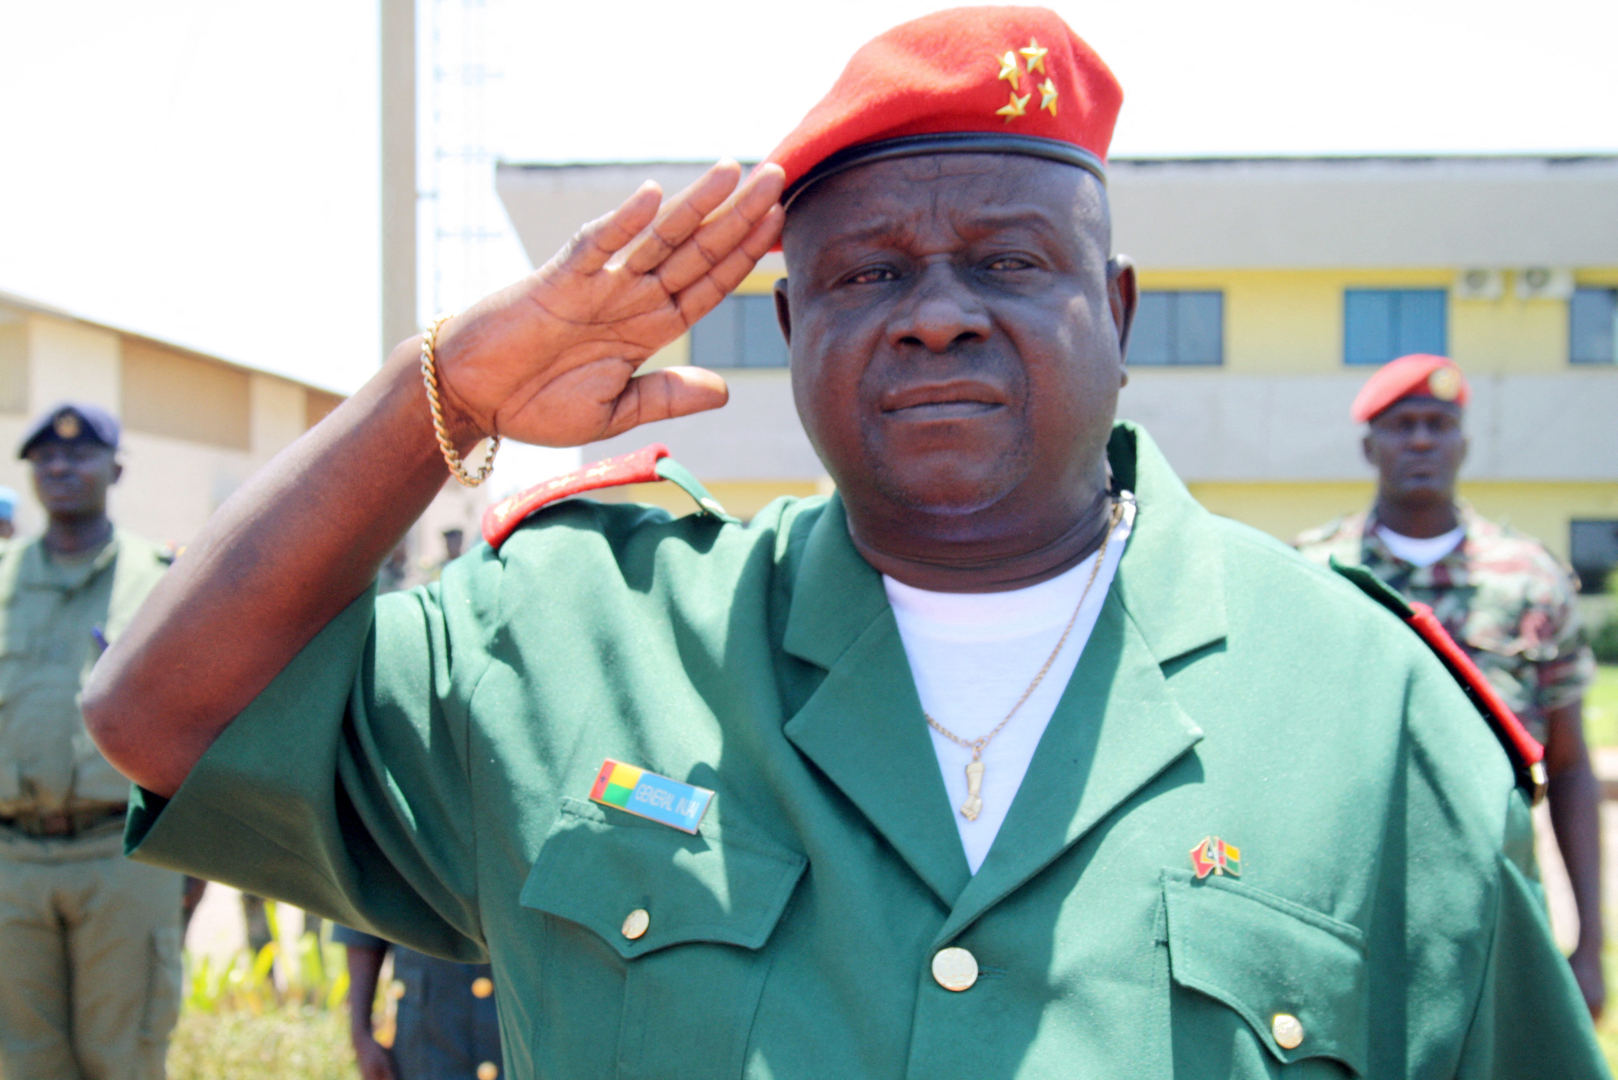 الولايات المتحدة تعلن مكافأة قدرها 5 ملايين دولار مقابل معلومات عن قائد عسكري إفريقي سابق